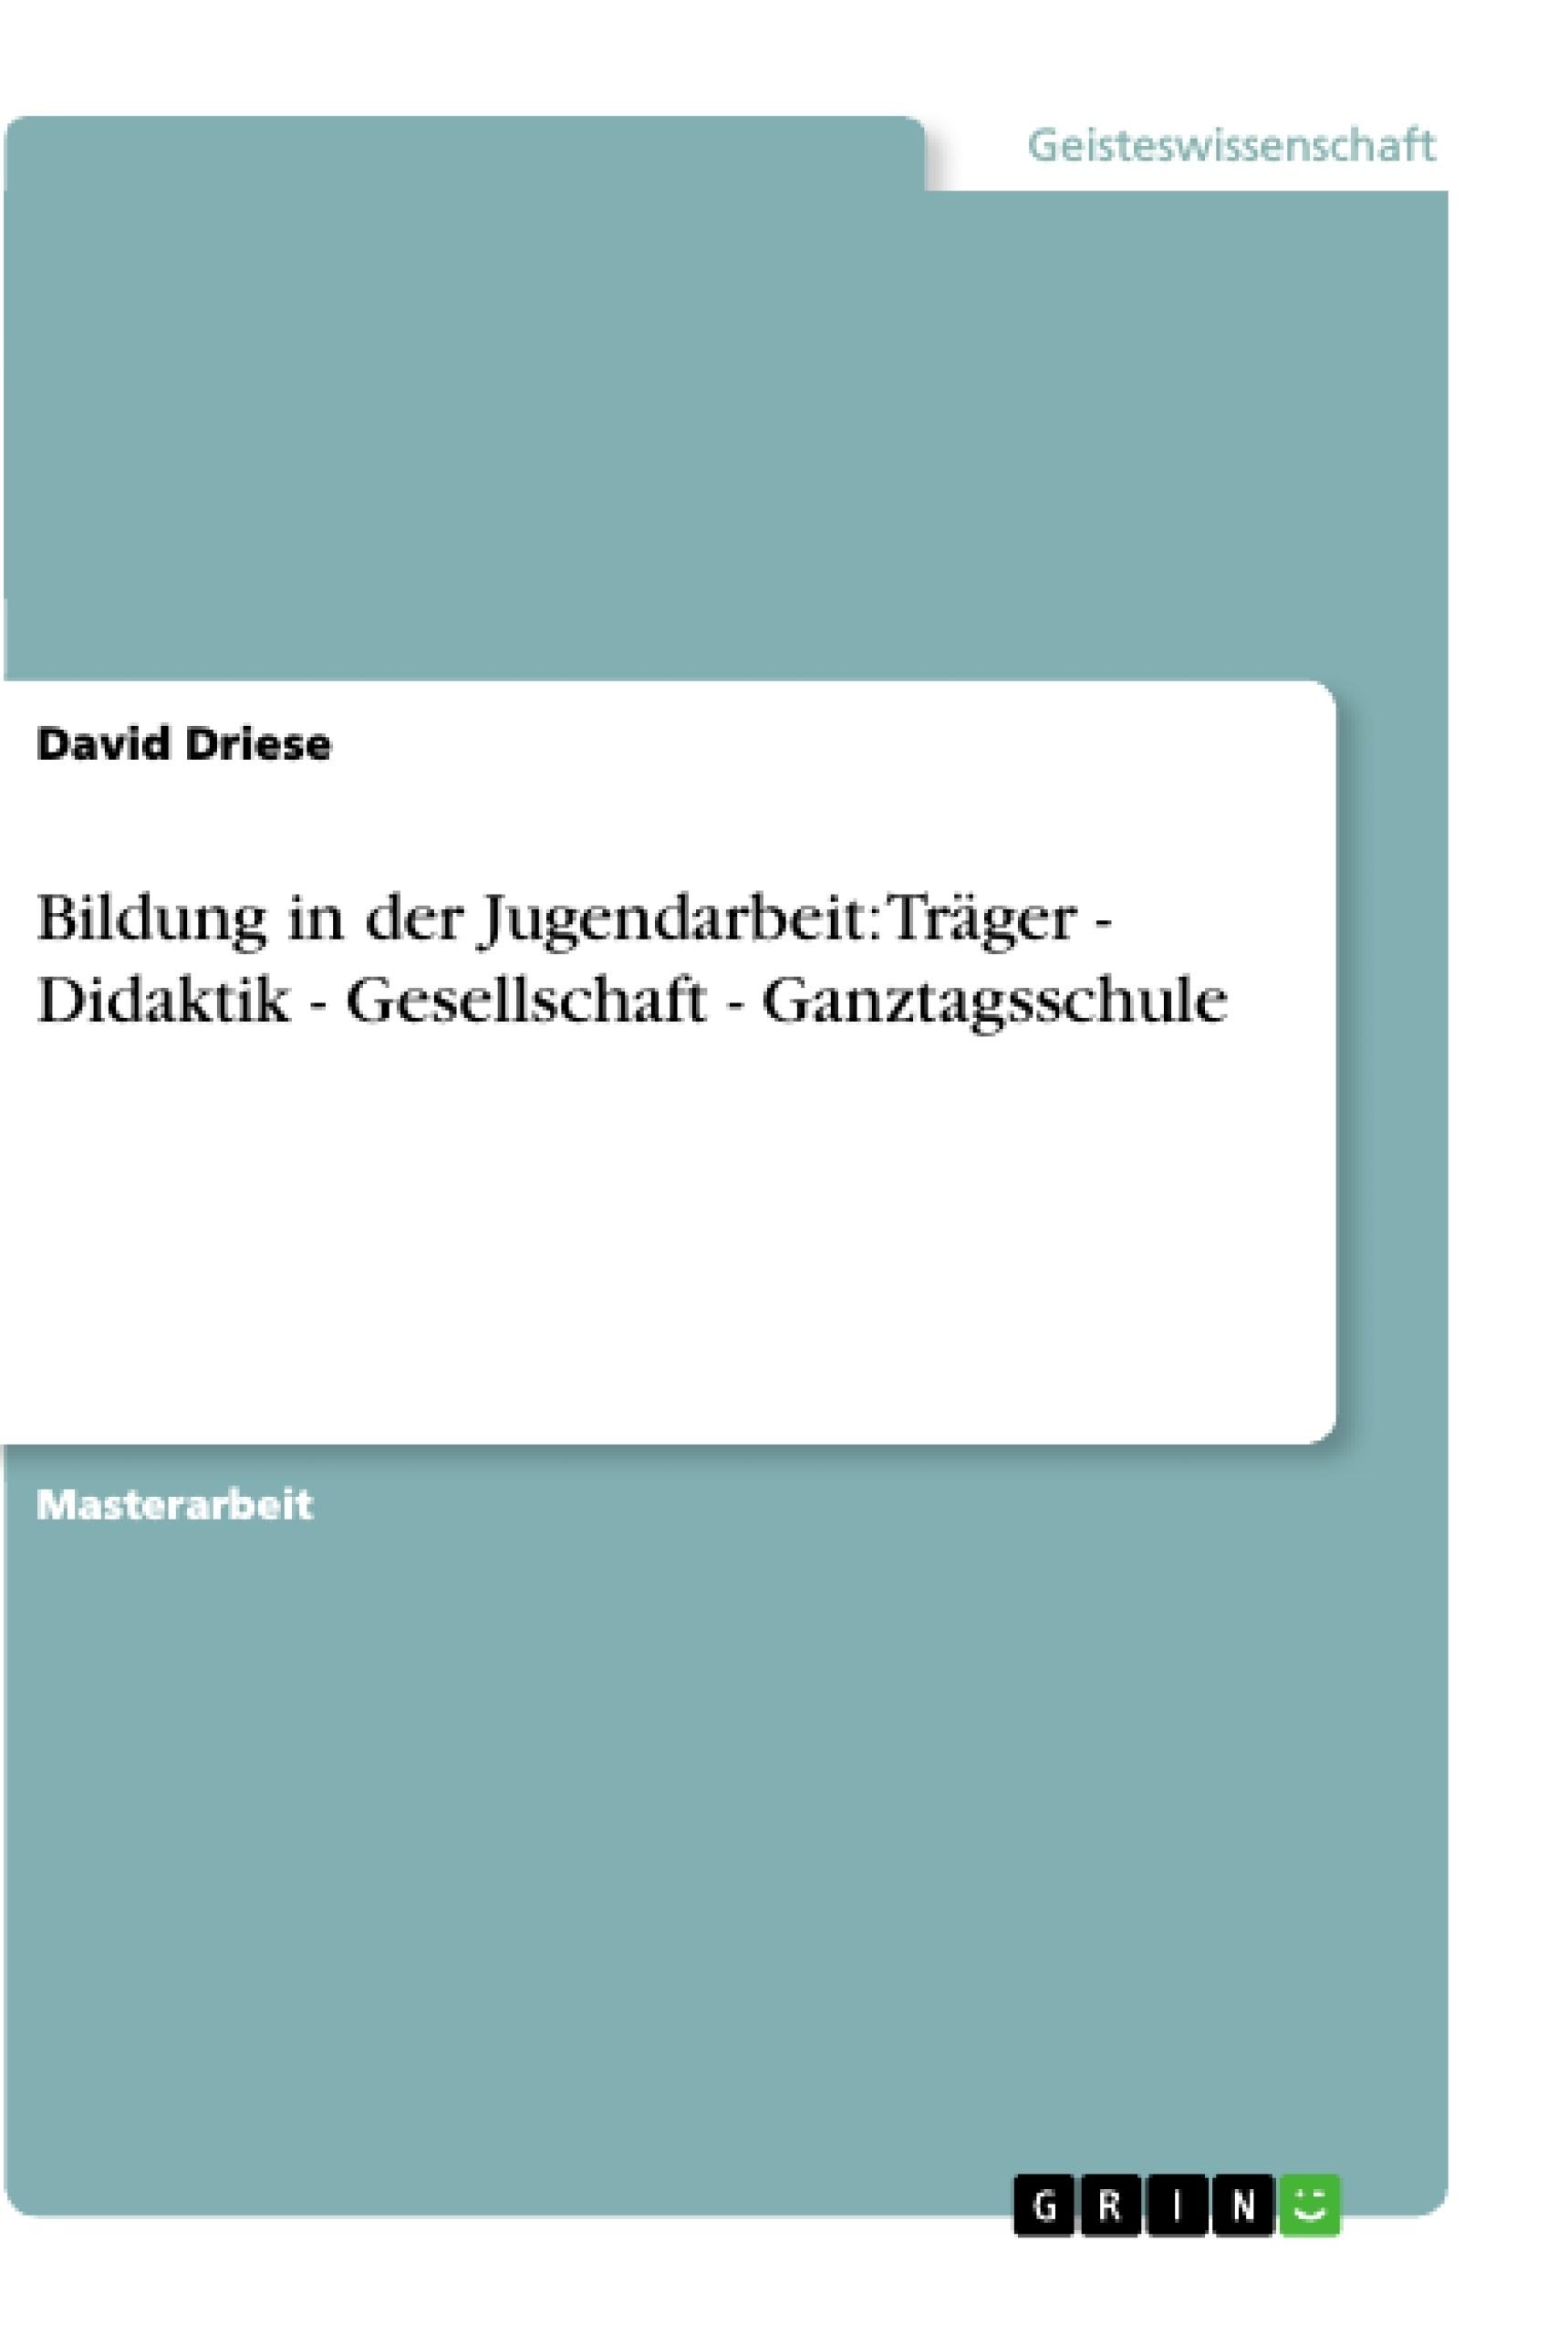 Titel: Bildung in der Jugendarbeit: Träger - Didaktik - Gesellschaft - Ganztagsschule